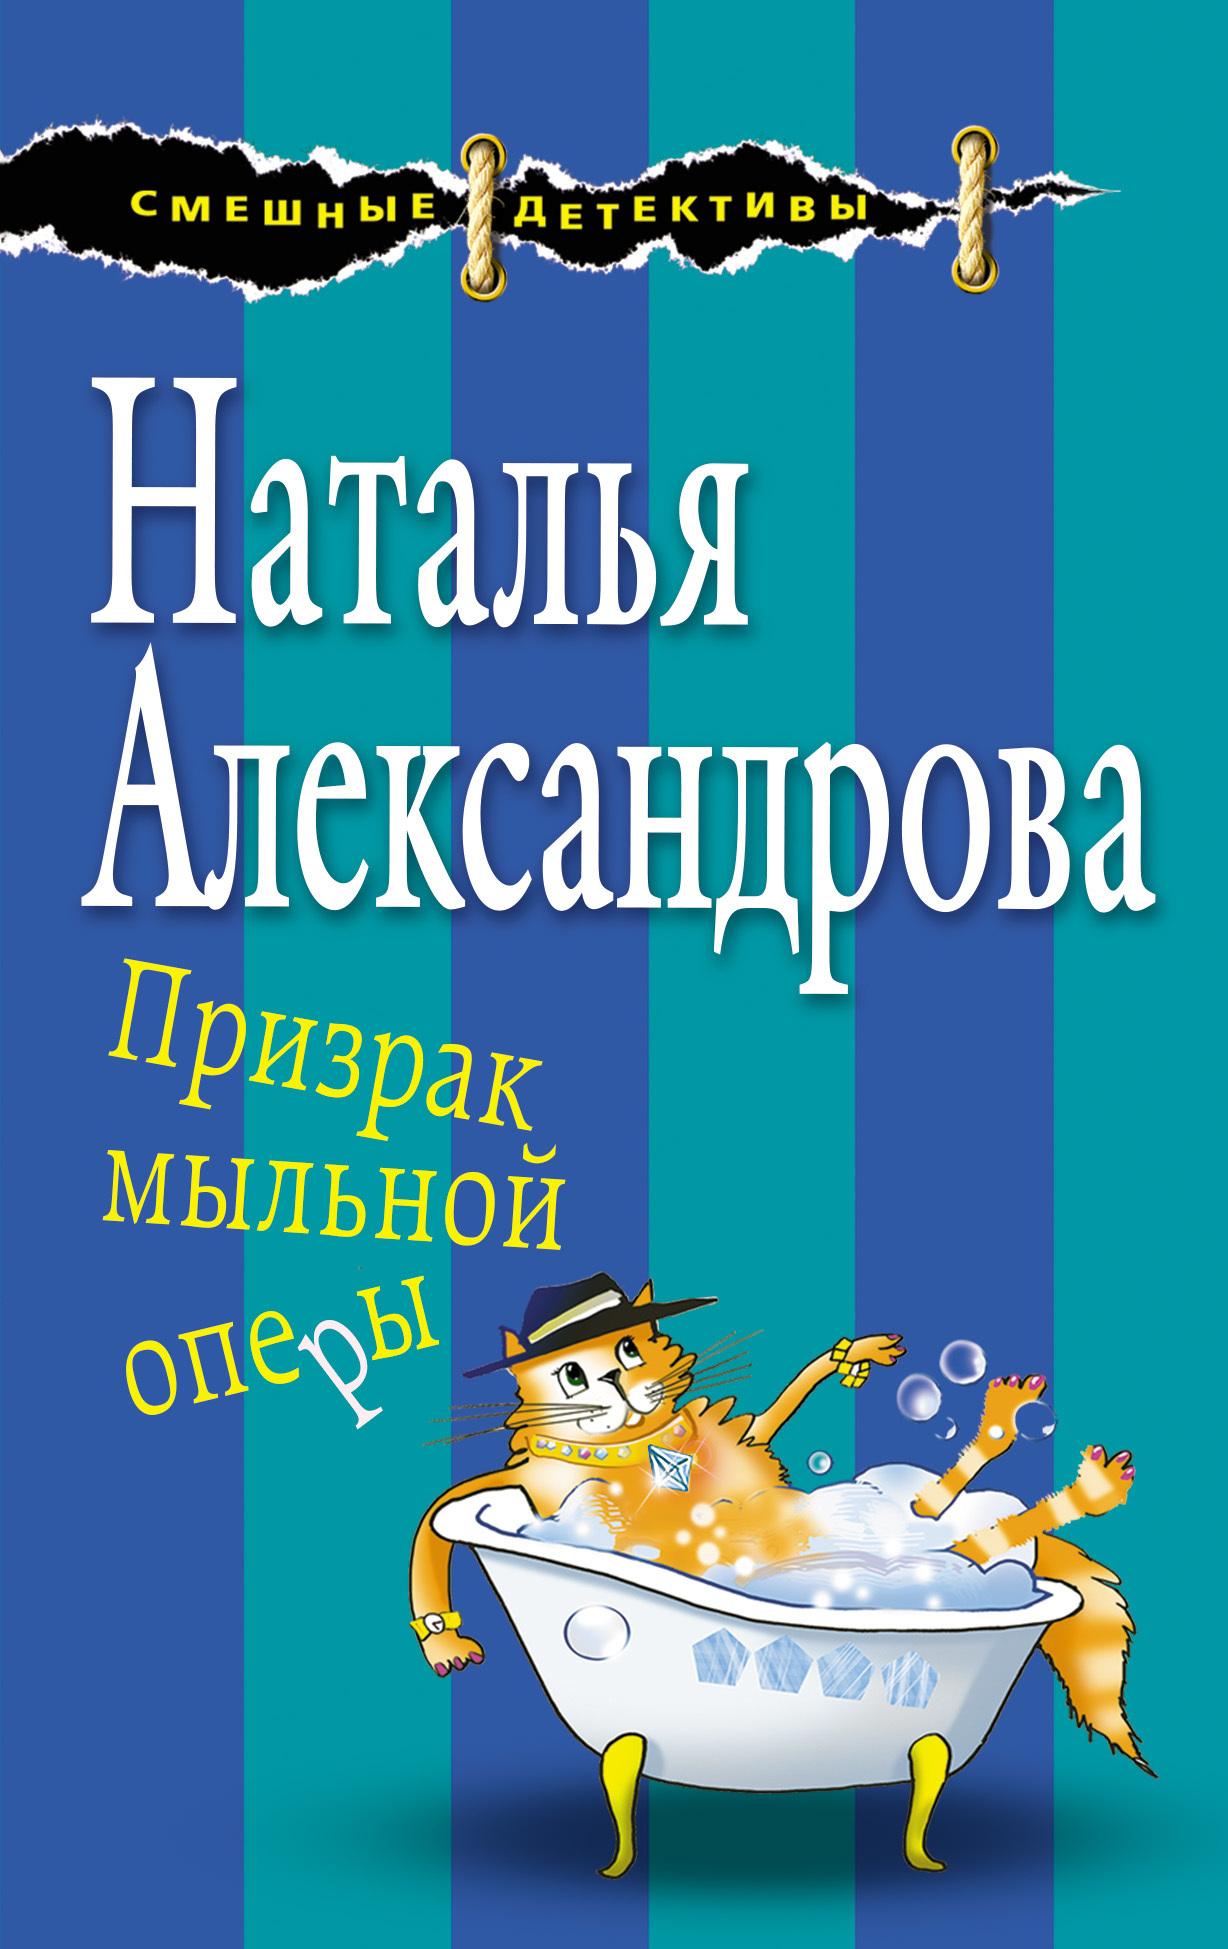 Наталья Александрова - Призрак мыльной оперы